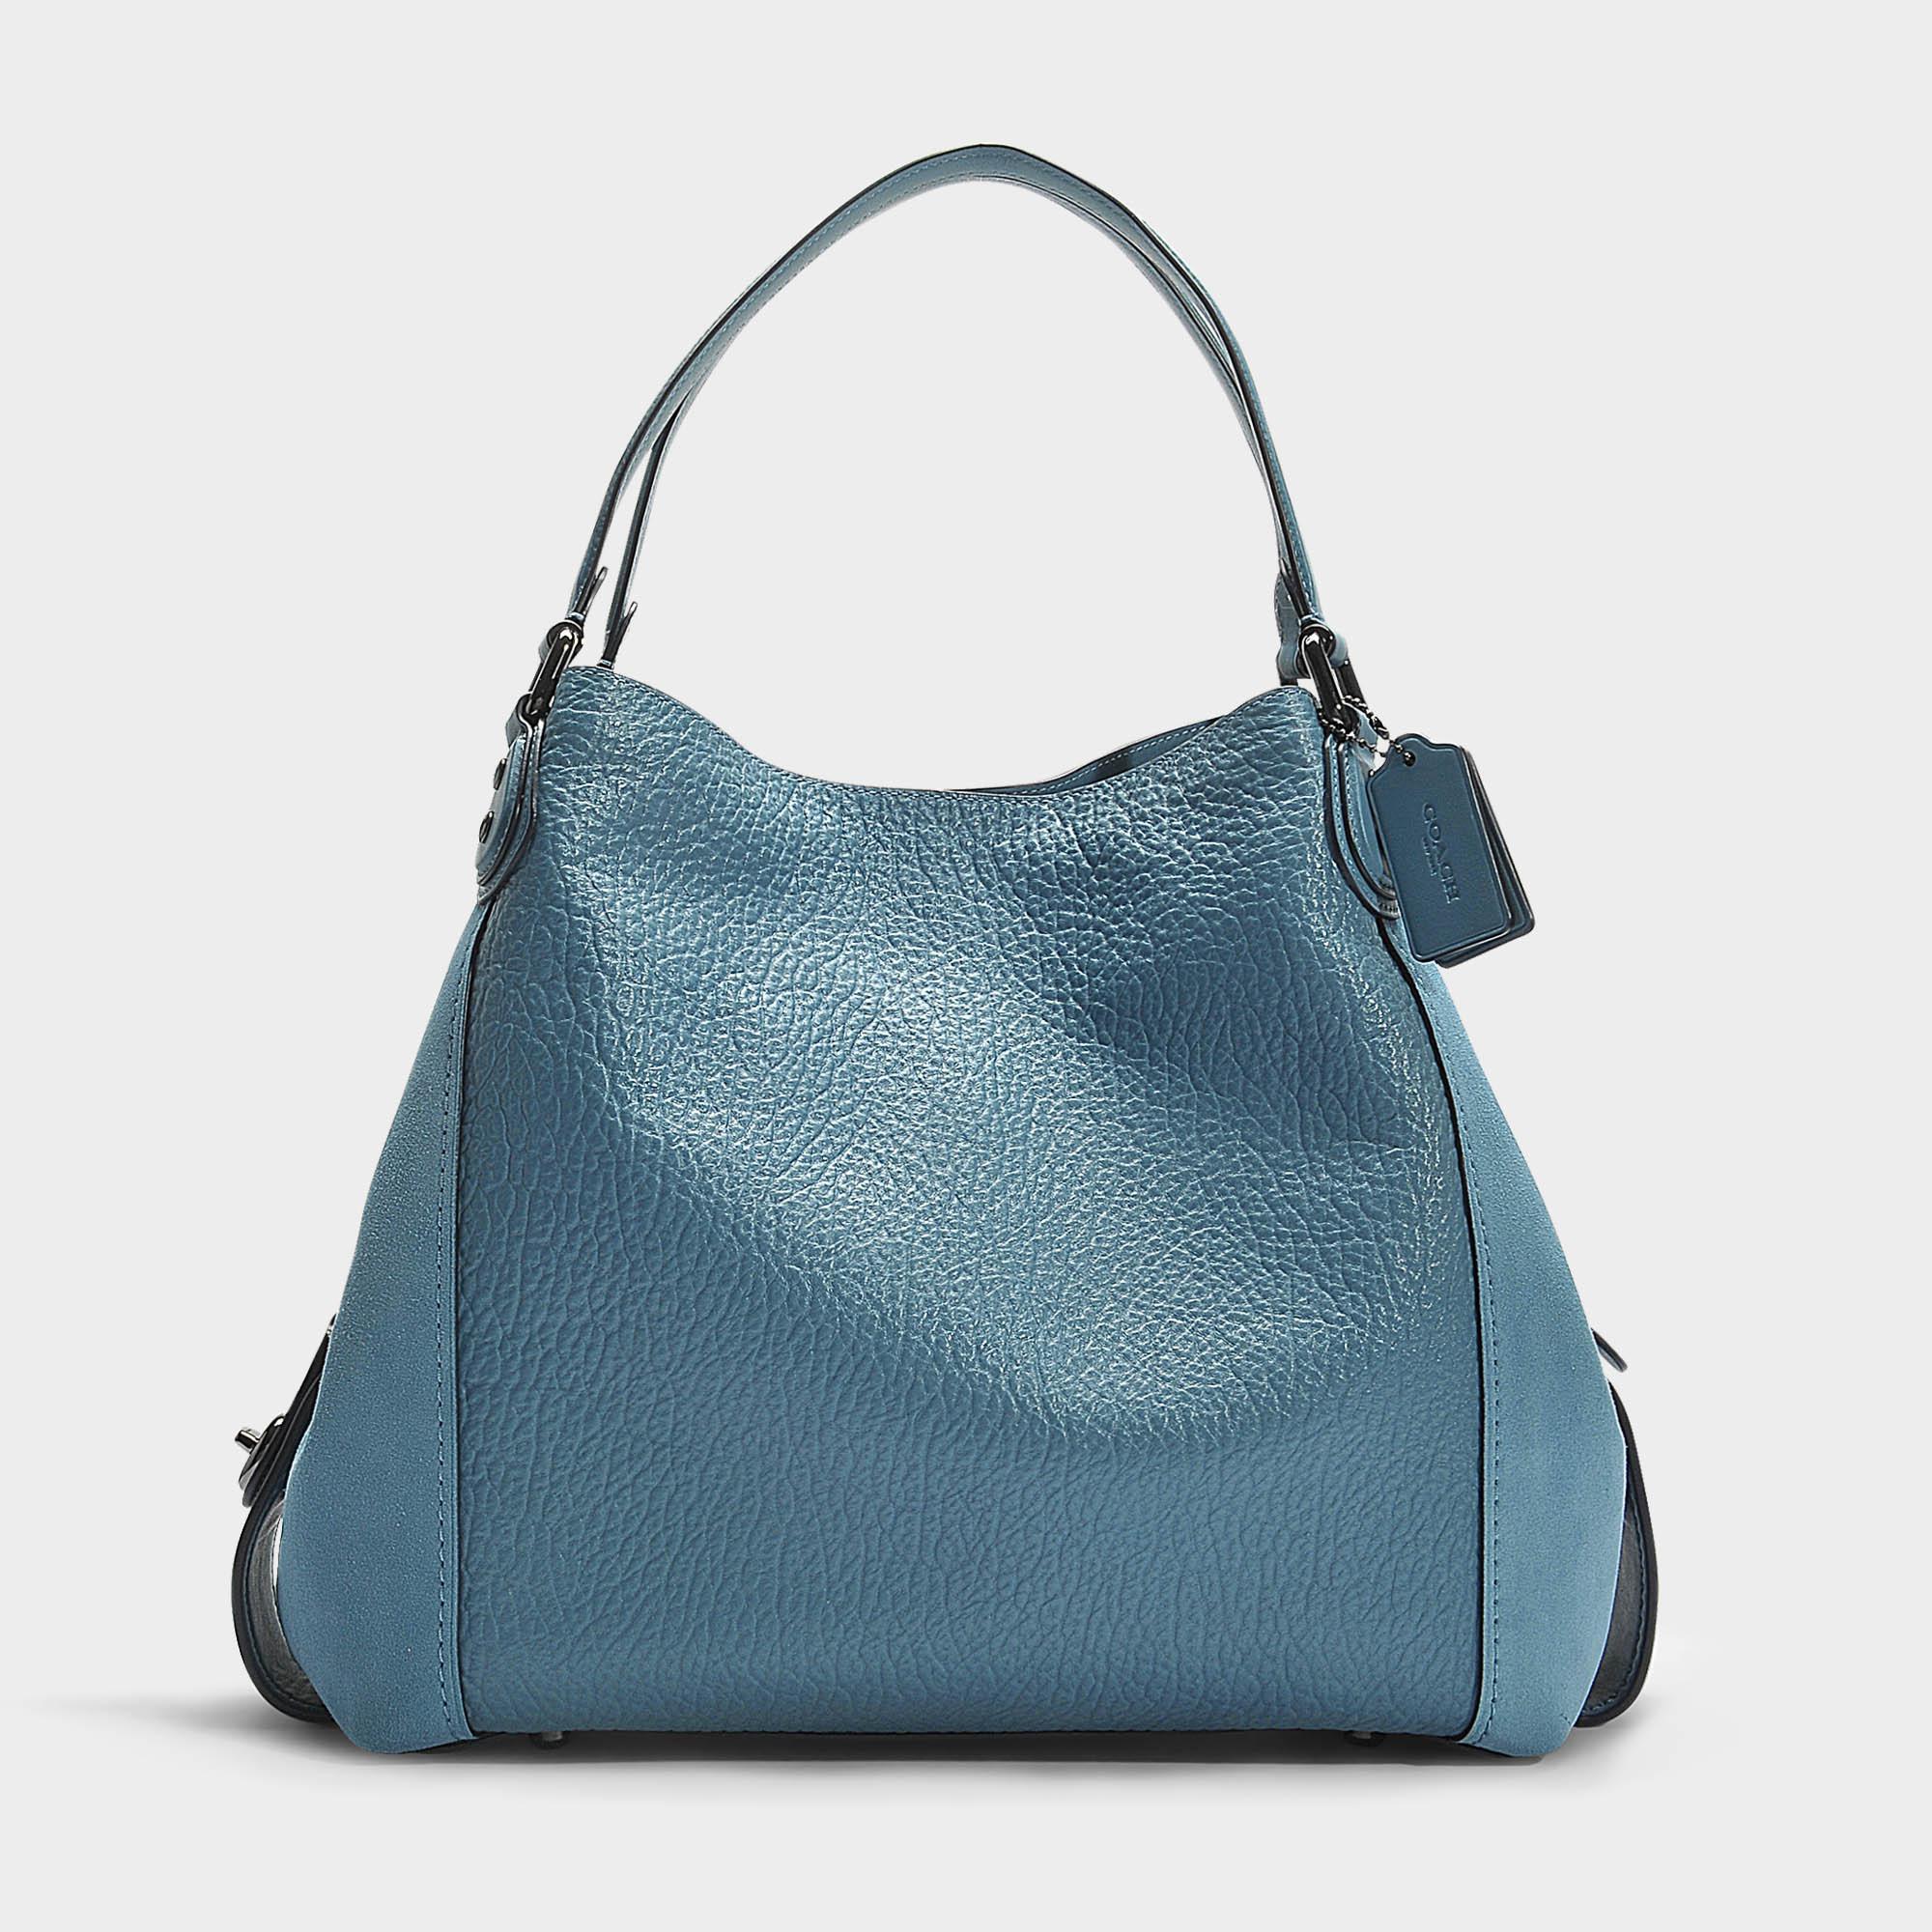 Edie 42 Shoulder Bag In Chambray Calfskin